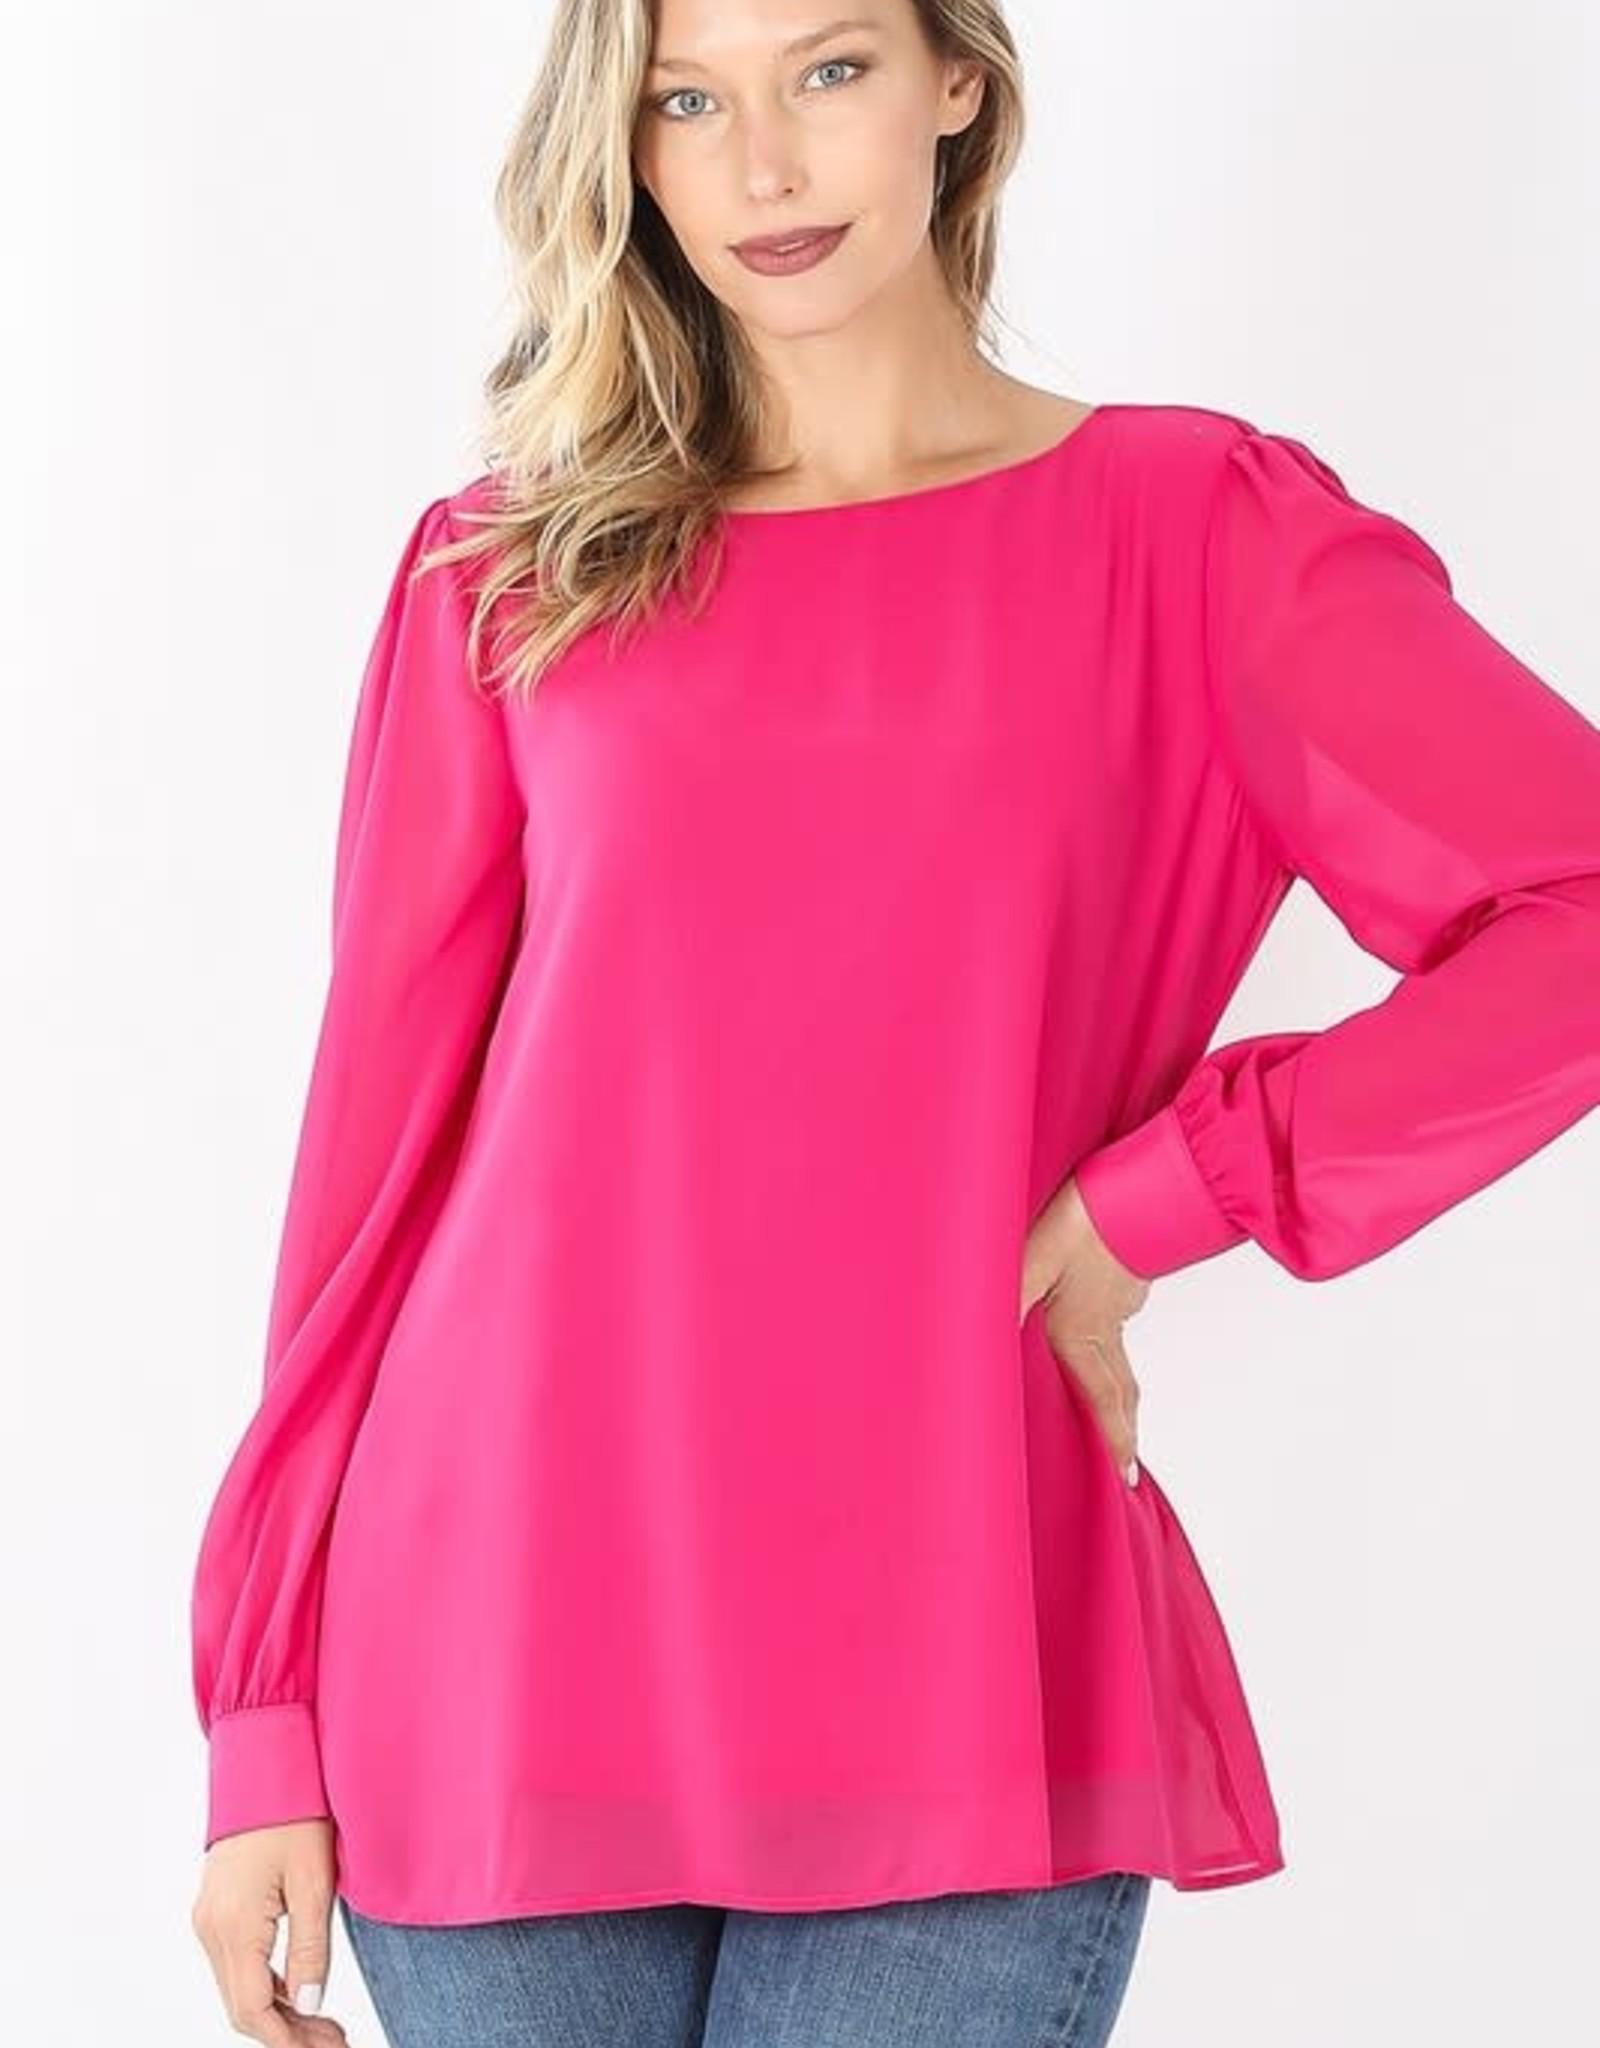 - Hot Pink Long Sleeve Chiffon Blouse